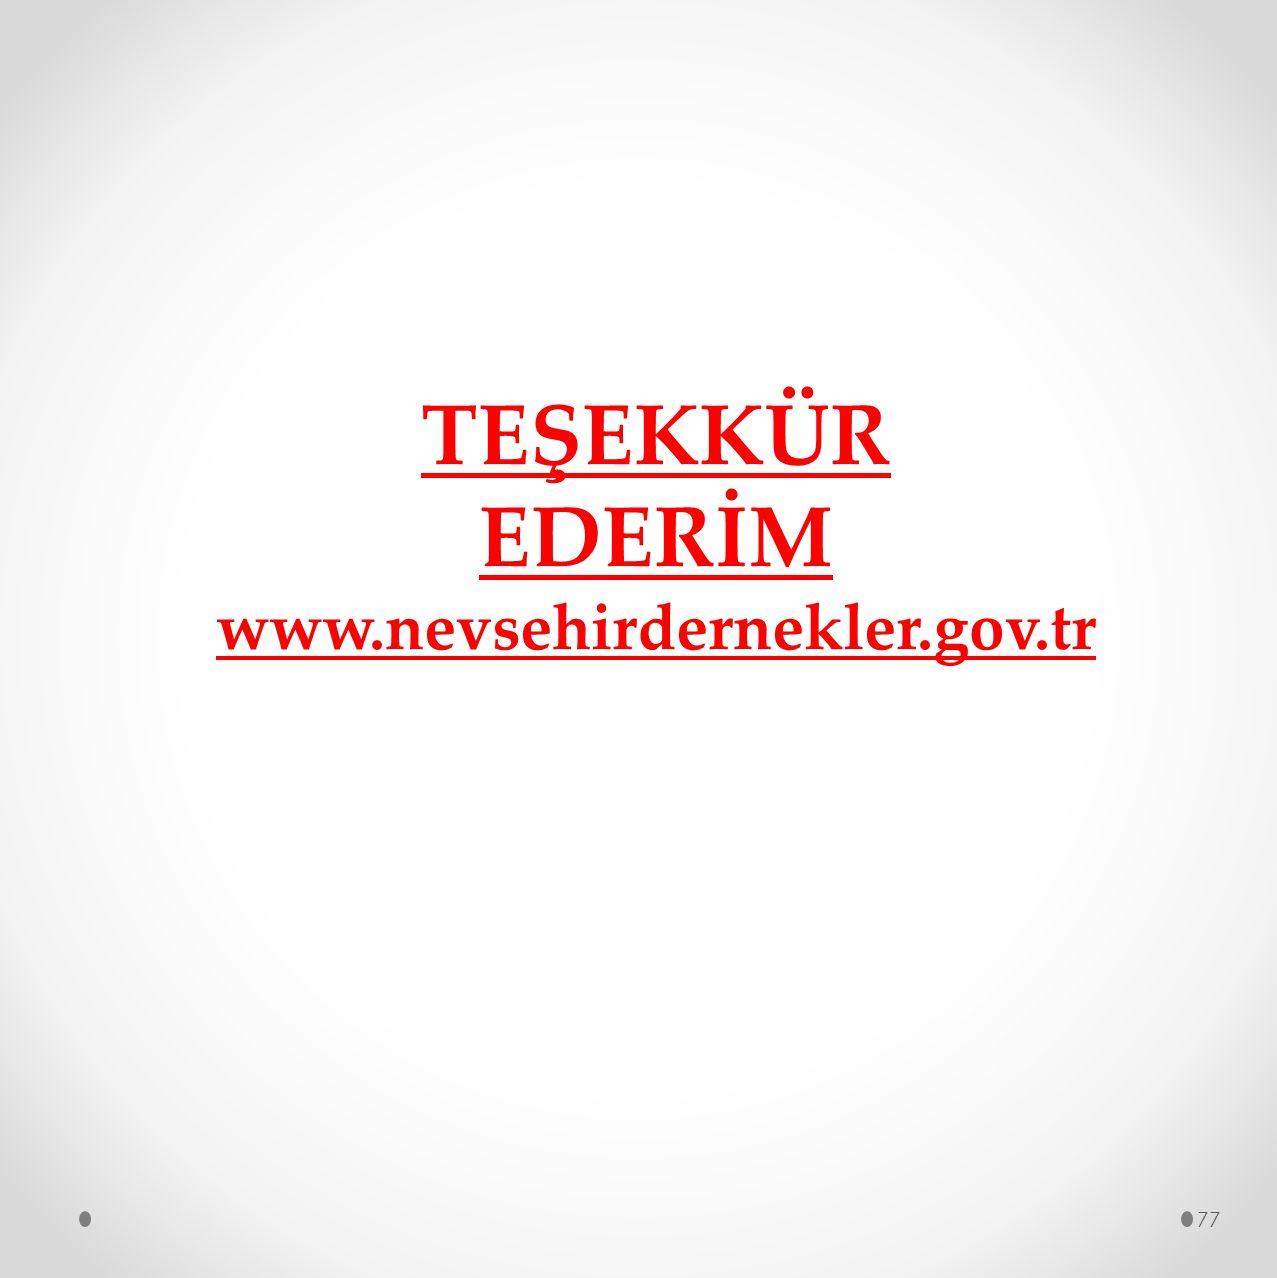 TEŞEKKÜR EDERİM www.nevsehirdernekler.gov.tr